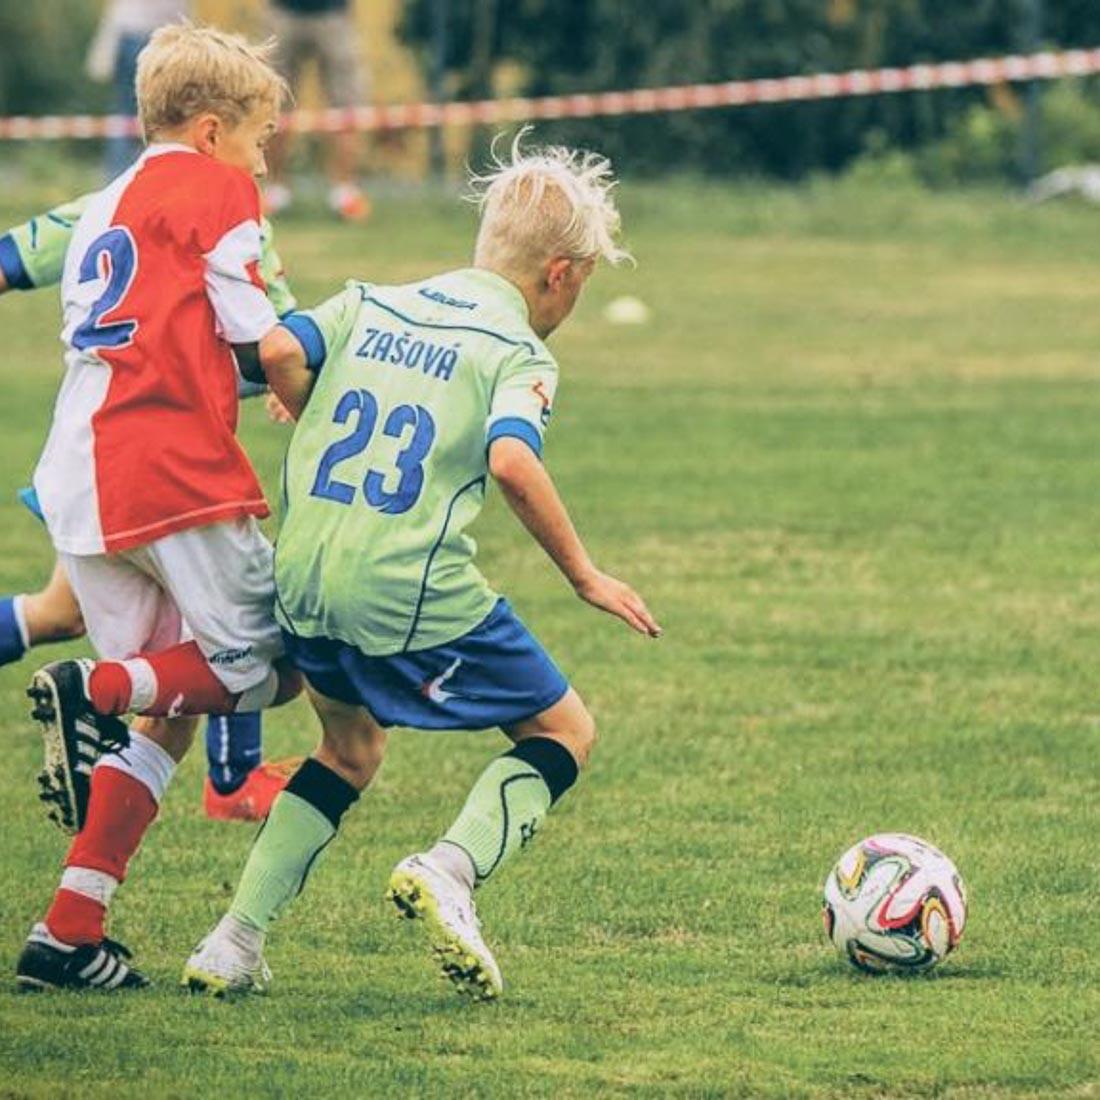 Mezinárodní fotbalový turnaj mládeže